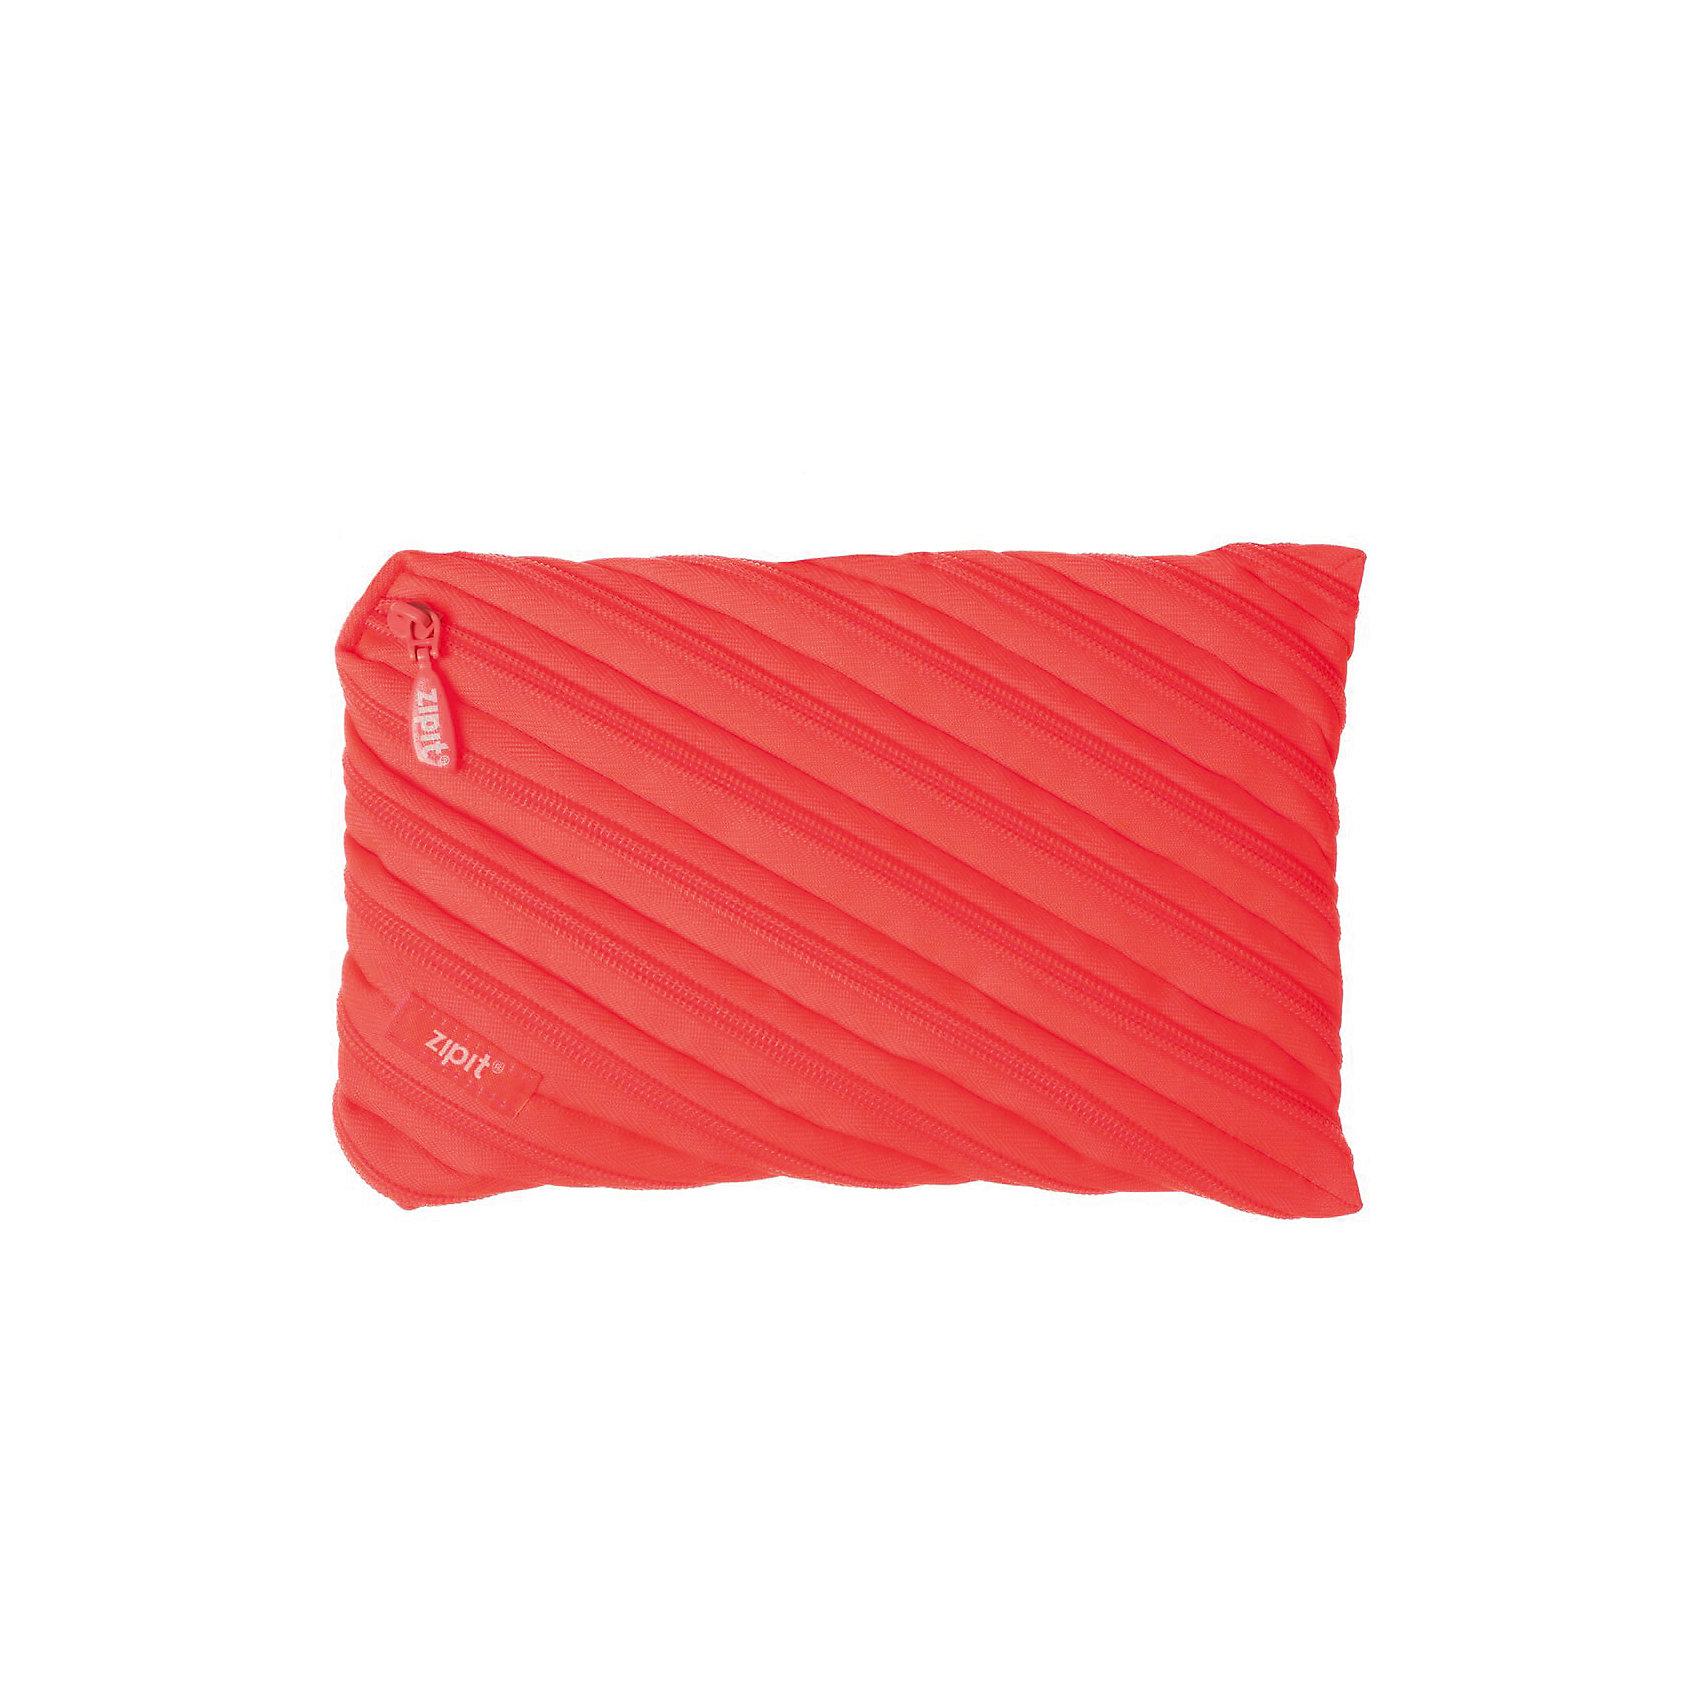 Пенал-сумочка NEON JUMBO POUCH, цвет персиковыйПеналы без наполнения<br>Характеристики товара:<br><br>• цвет: персиковый;<br>• возраст: от 3 лет;<br>• вес: 0,1 кг;<br>• размер: 23х2х15 см;<br>• одно вместительное отделение;<br>• изготовлен из длинной молнии;<br>• молнию можно полностью расстегнуть;<br>• материал: полиэстер;<br>• страна бренда: США;<br>• страна изготовитель: Китай.<br><br>Этот пенал из гибкой молнии выполнен в приятном персиковом оттенке. Стоит обратить внимание на его практичный размер и форму, надежную застежку и вместительность. <br><br>Аксессуар вполне может послужить не только школьникам! Его можно использовать как косметичку, сумку для мелочей, чехол для техники. Стильные детали и актуальная расцветка – это дополнительные плюсы модели. <br><br>Пенал-сумочка «Neon Jumbo Pouch» можно купить в нашем интернет-магазине.<br><br>Ширина мм: 230<br>Глубина мм: 20<br>Высота мм: 150<br>Вес г: 100<br>Возраст от месяцев: 36<br>Возраст до месяцев: 720<br>Пол: Унисекс<br>Возраст: Детский<br>SKU: 7054176